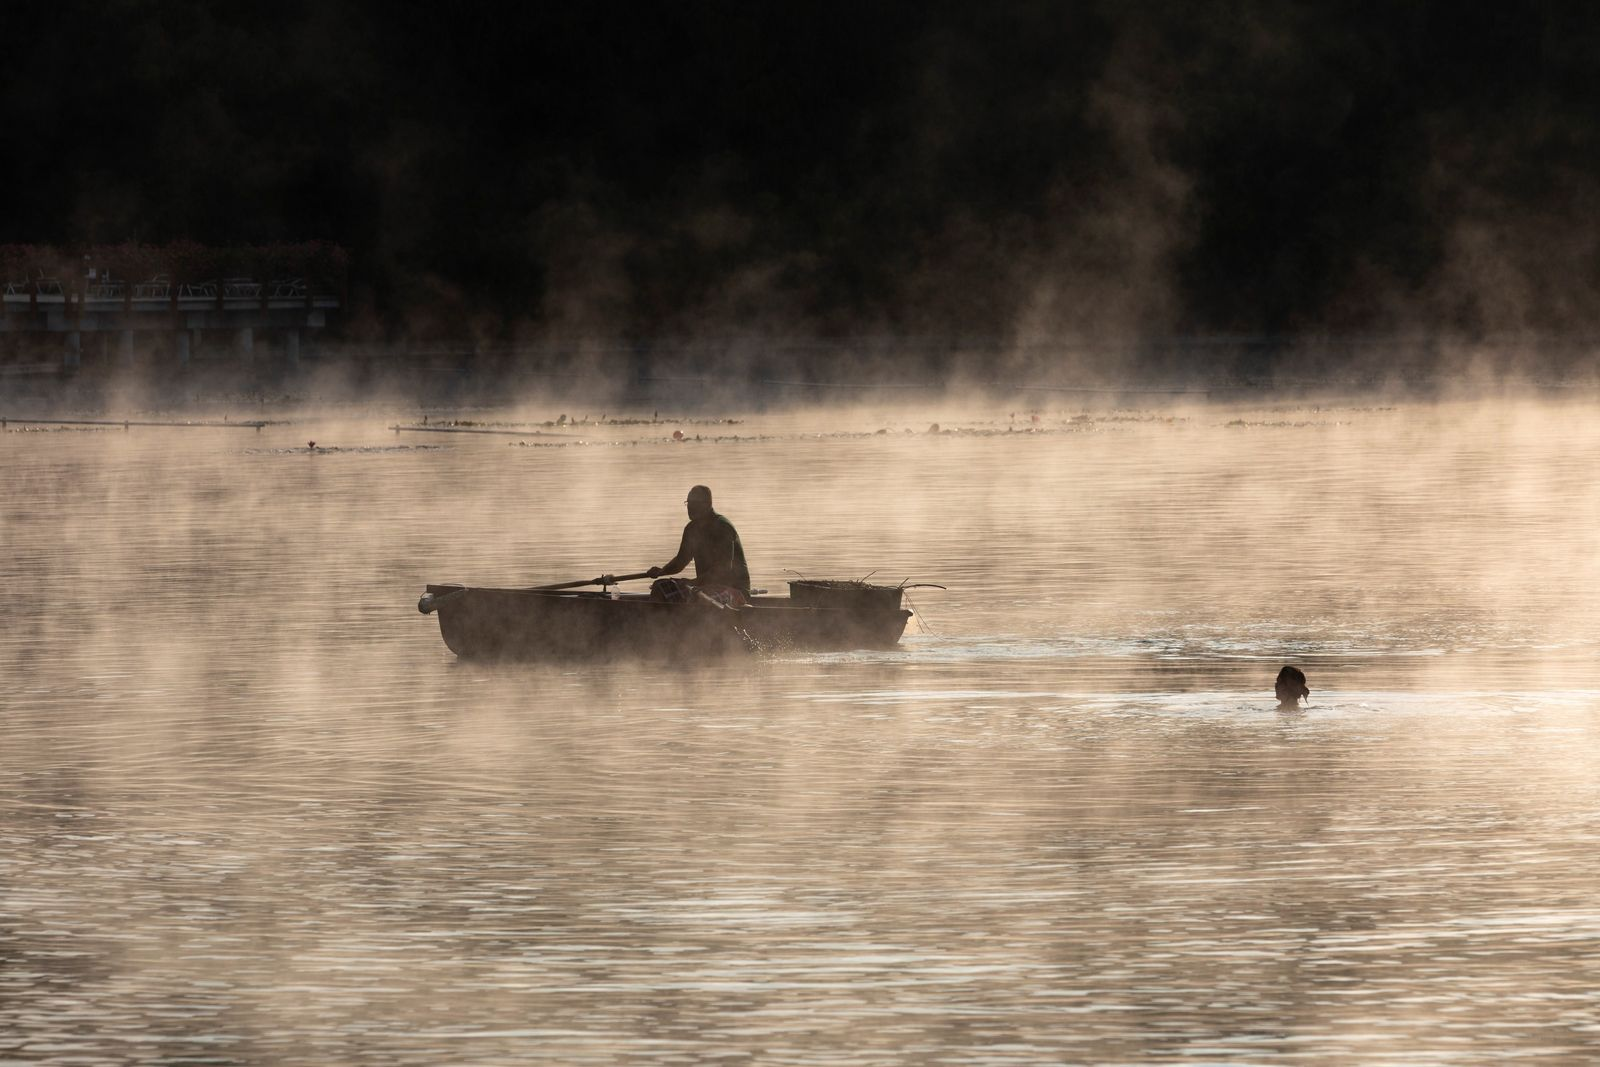 Un nageur matinal rencontre un canotier sur le lac thermal de Hévíz, situé dans l'ouest de ...